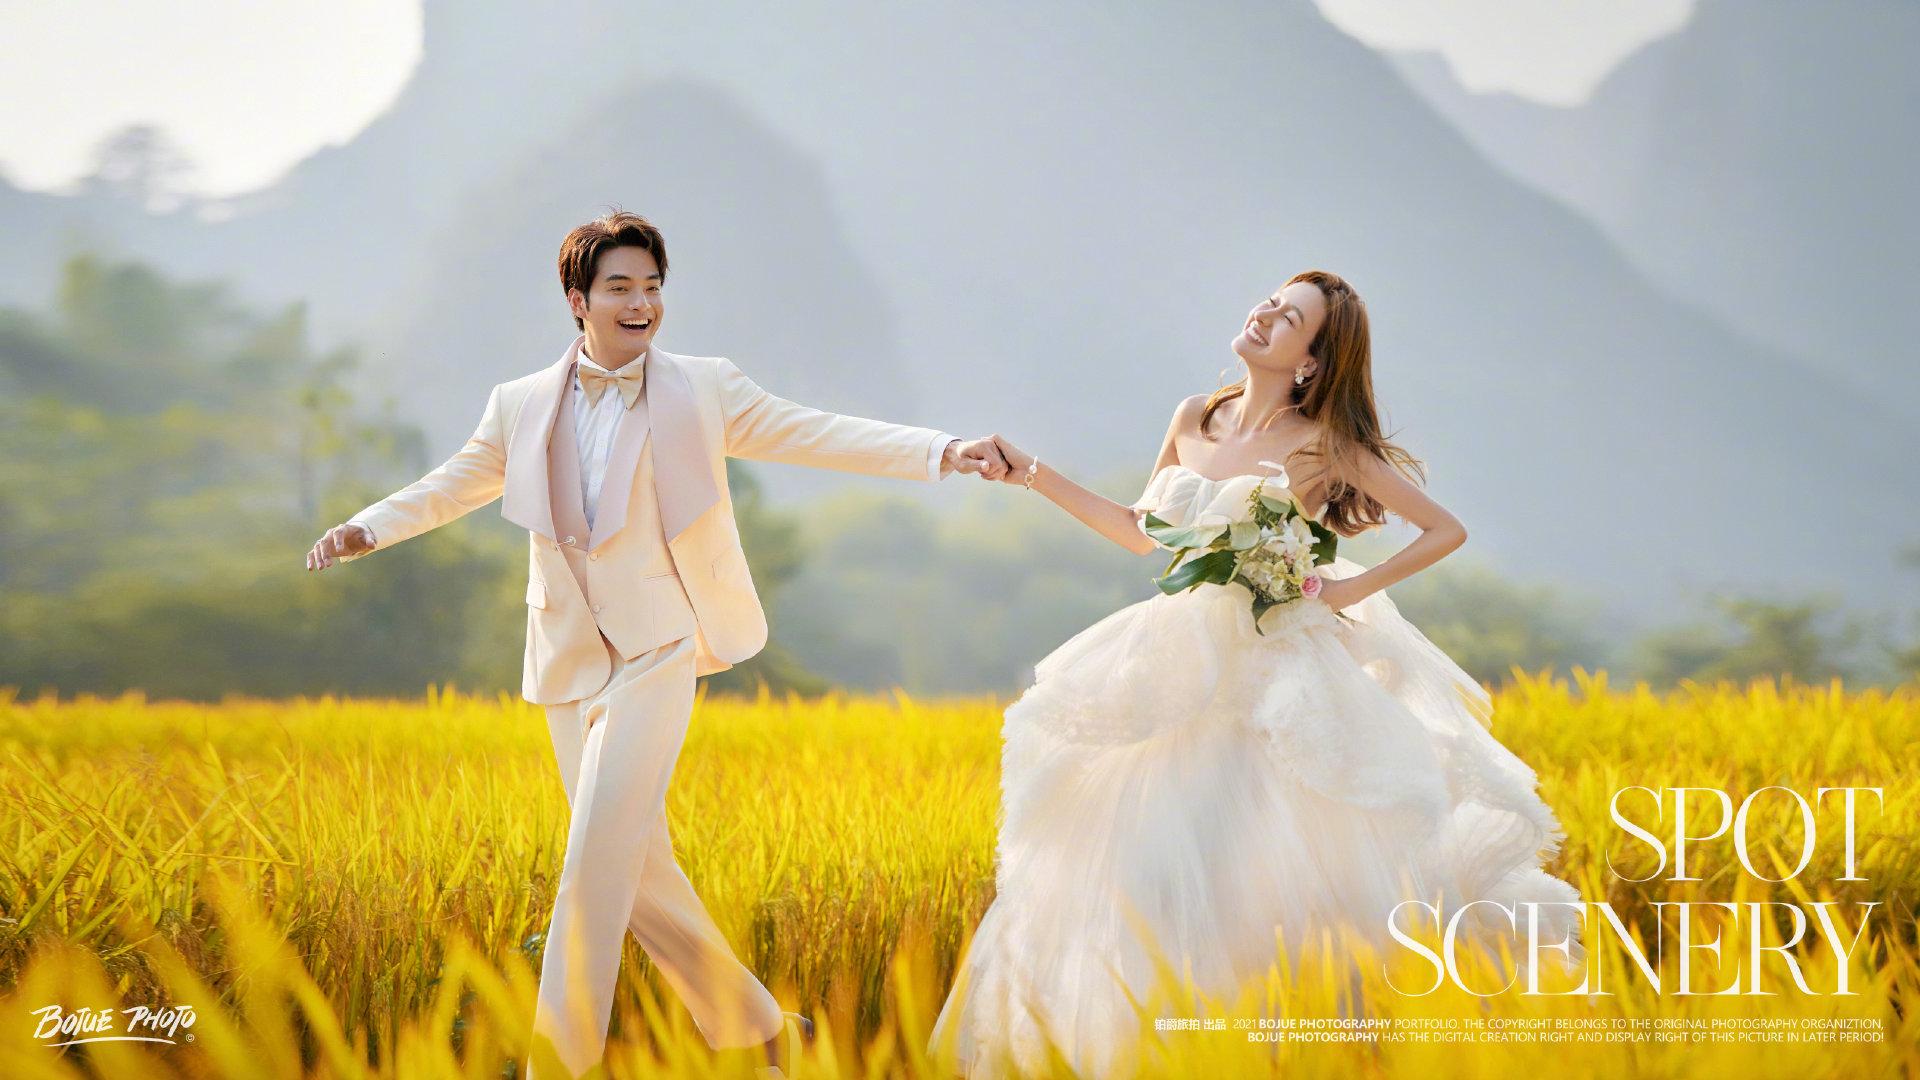 铂爵旅拍婚纱照 记录桂林蜜月之旅